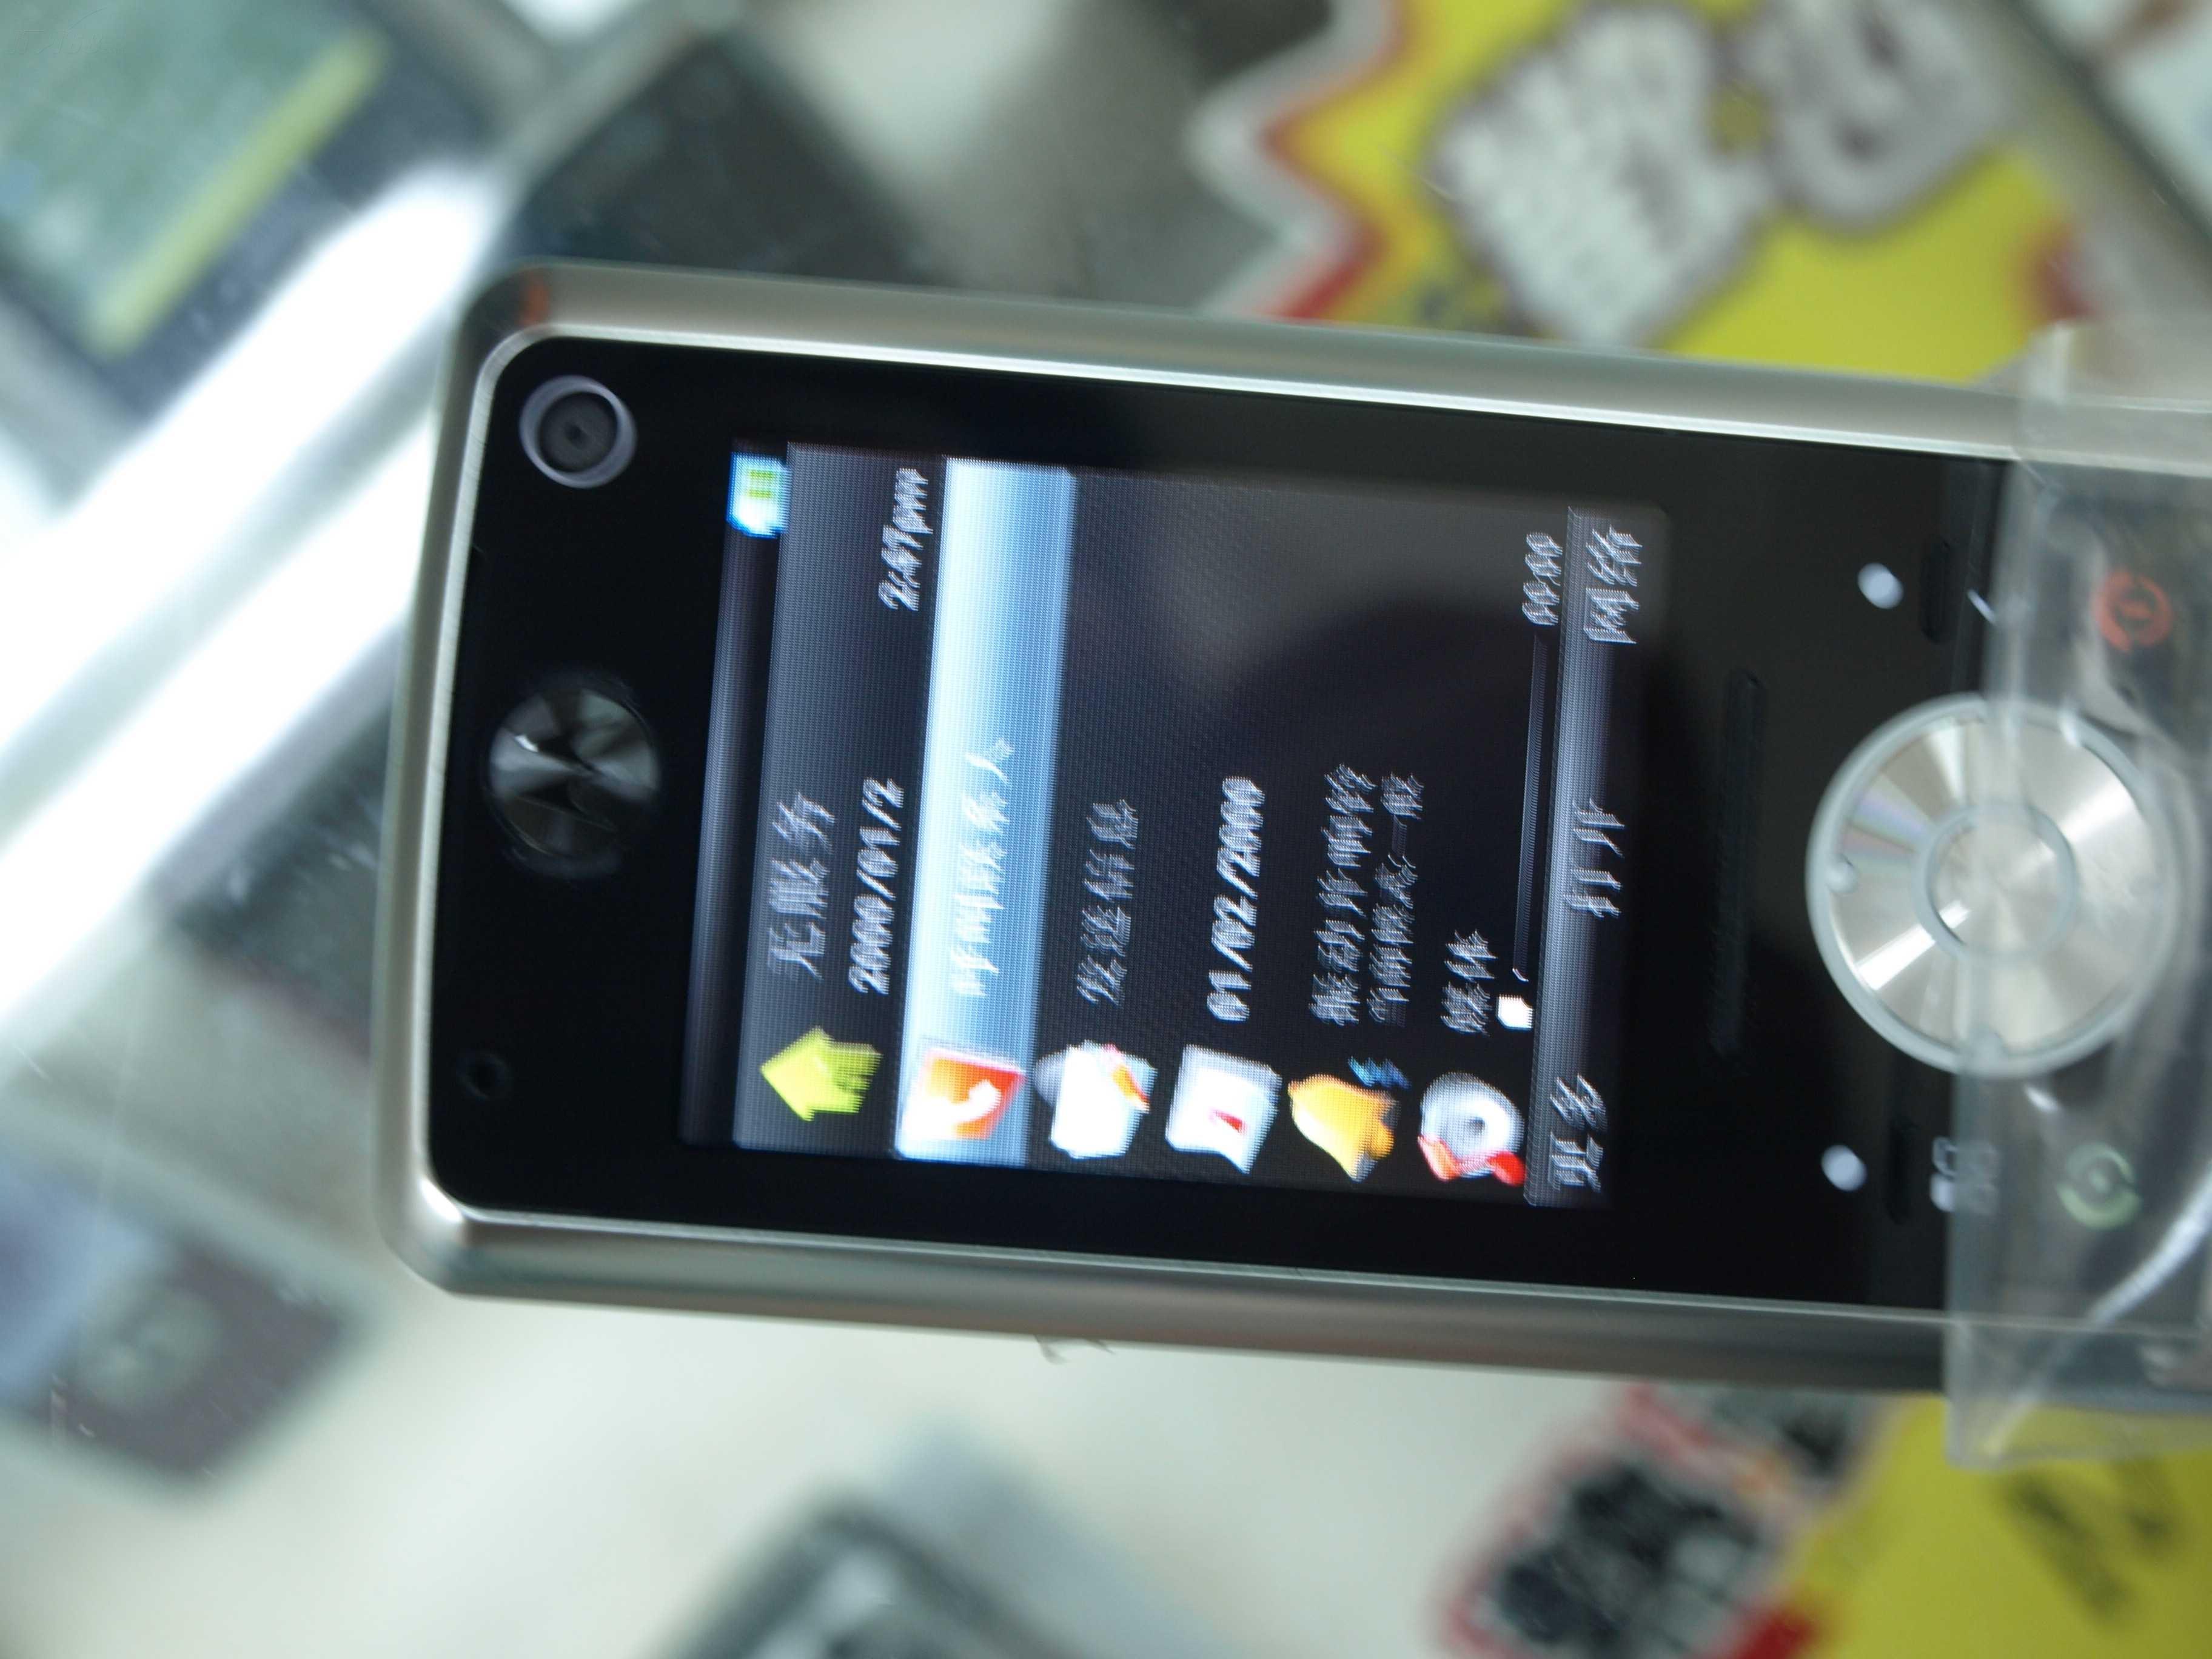 motoz10手机产品图片15素材-it168手机图片大全